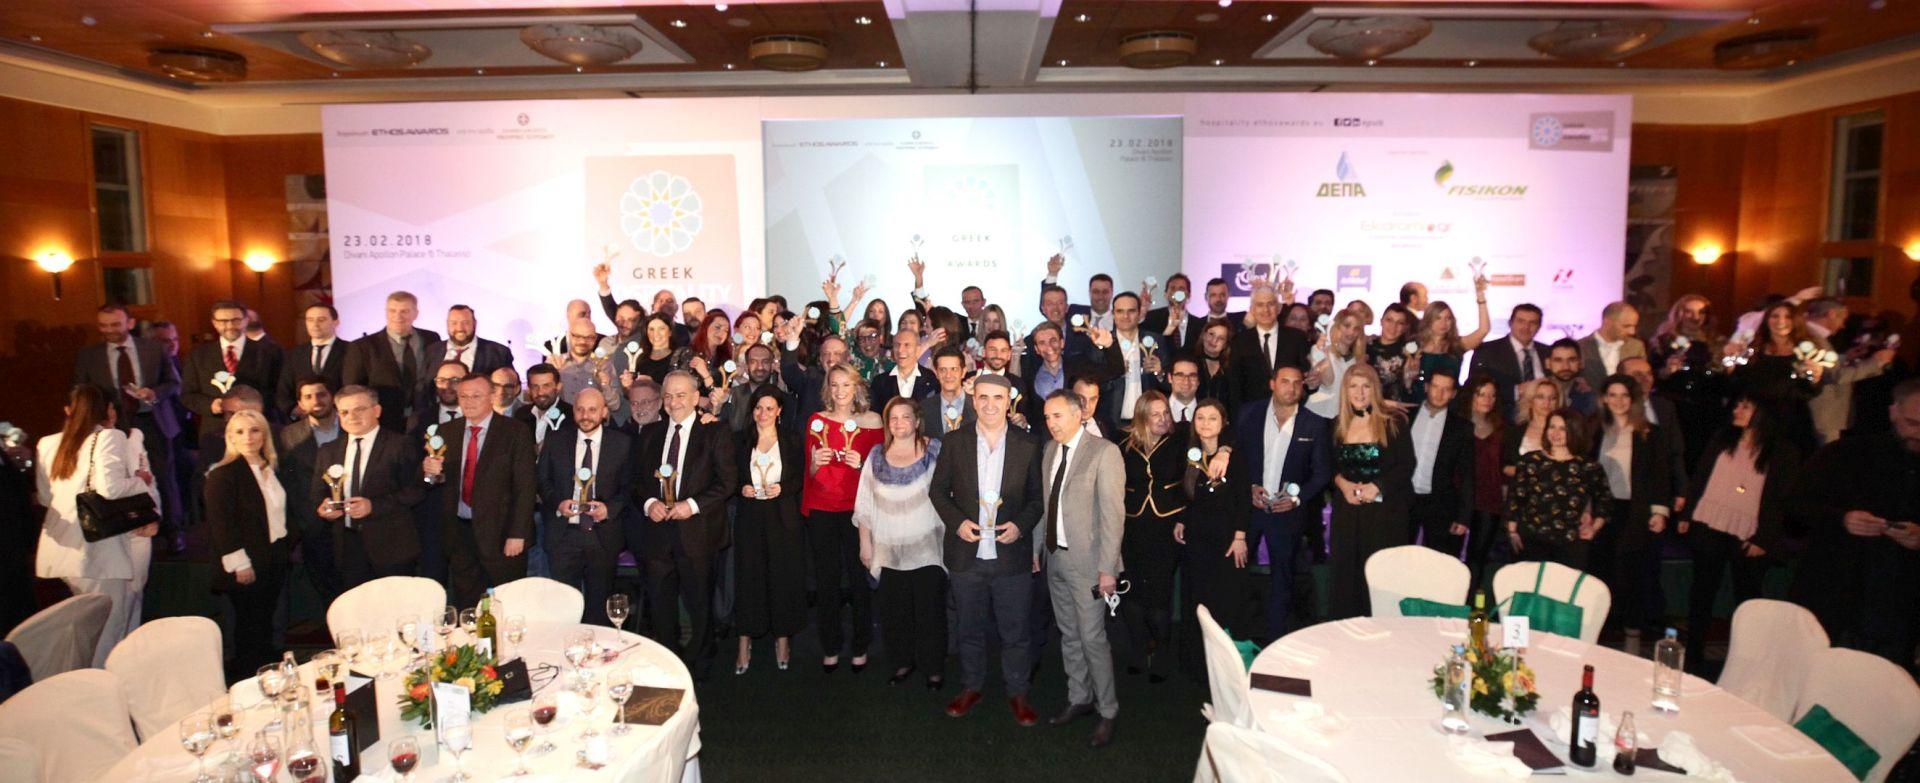 Ομαδική φωτογραφία βραβευμένων, Greek Hospitality Awards 2018